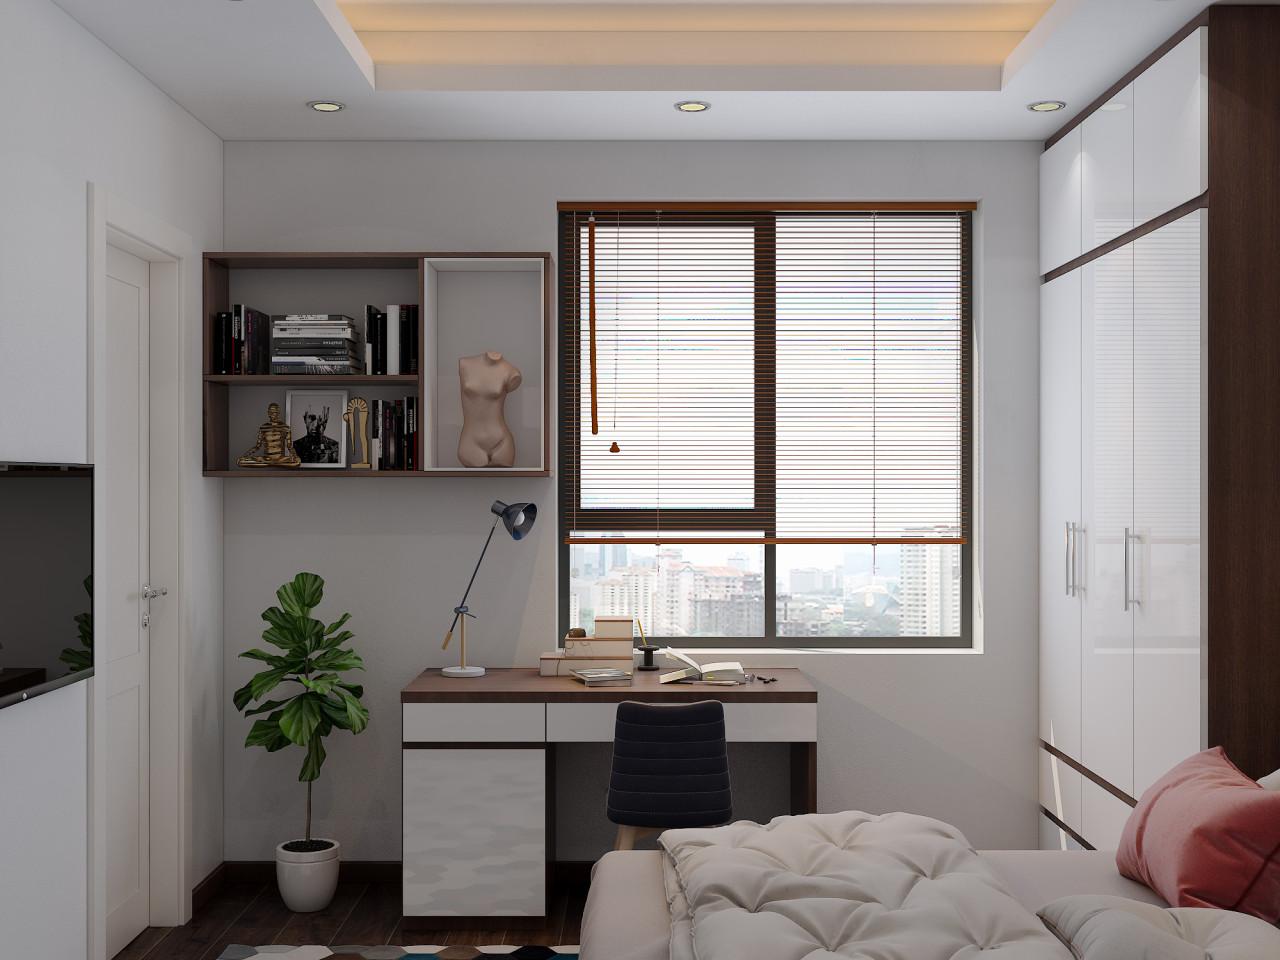 Kệ sách trang trí cũng treo tường, tinh giản và sáng tạo.